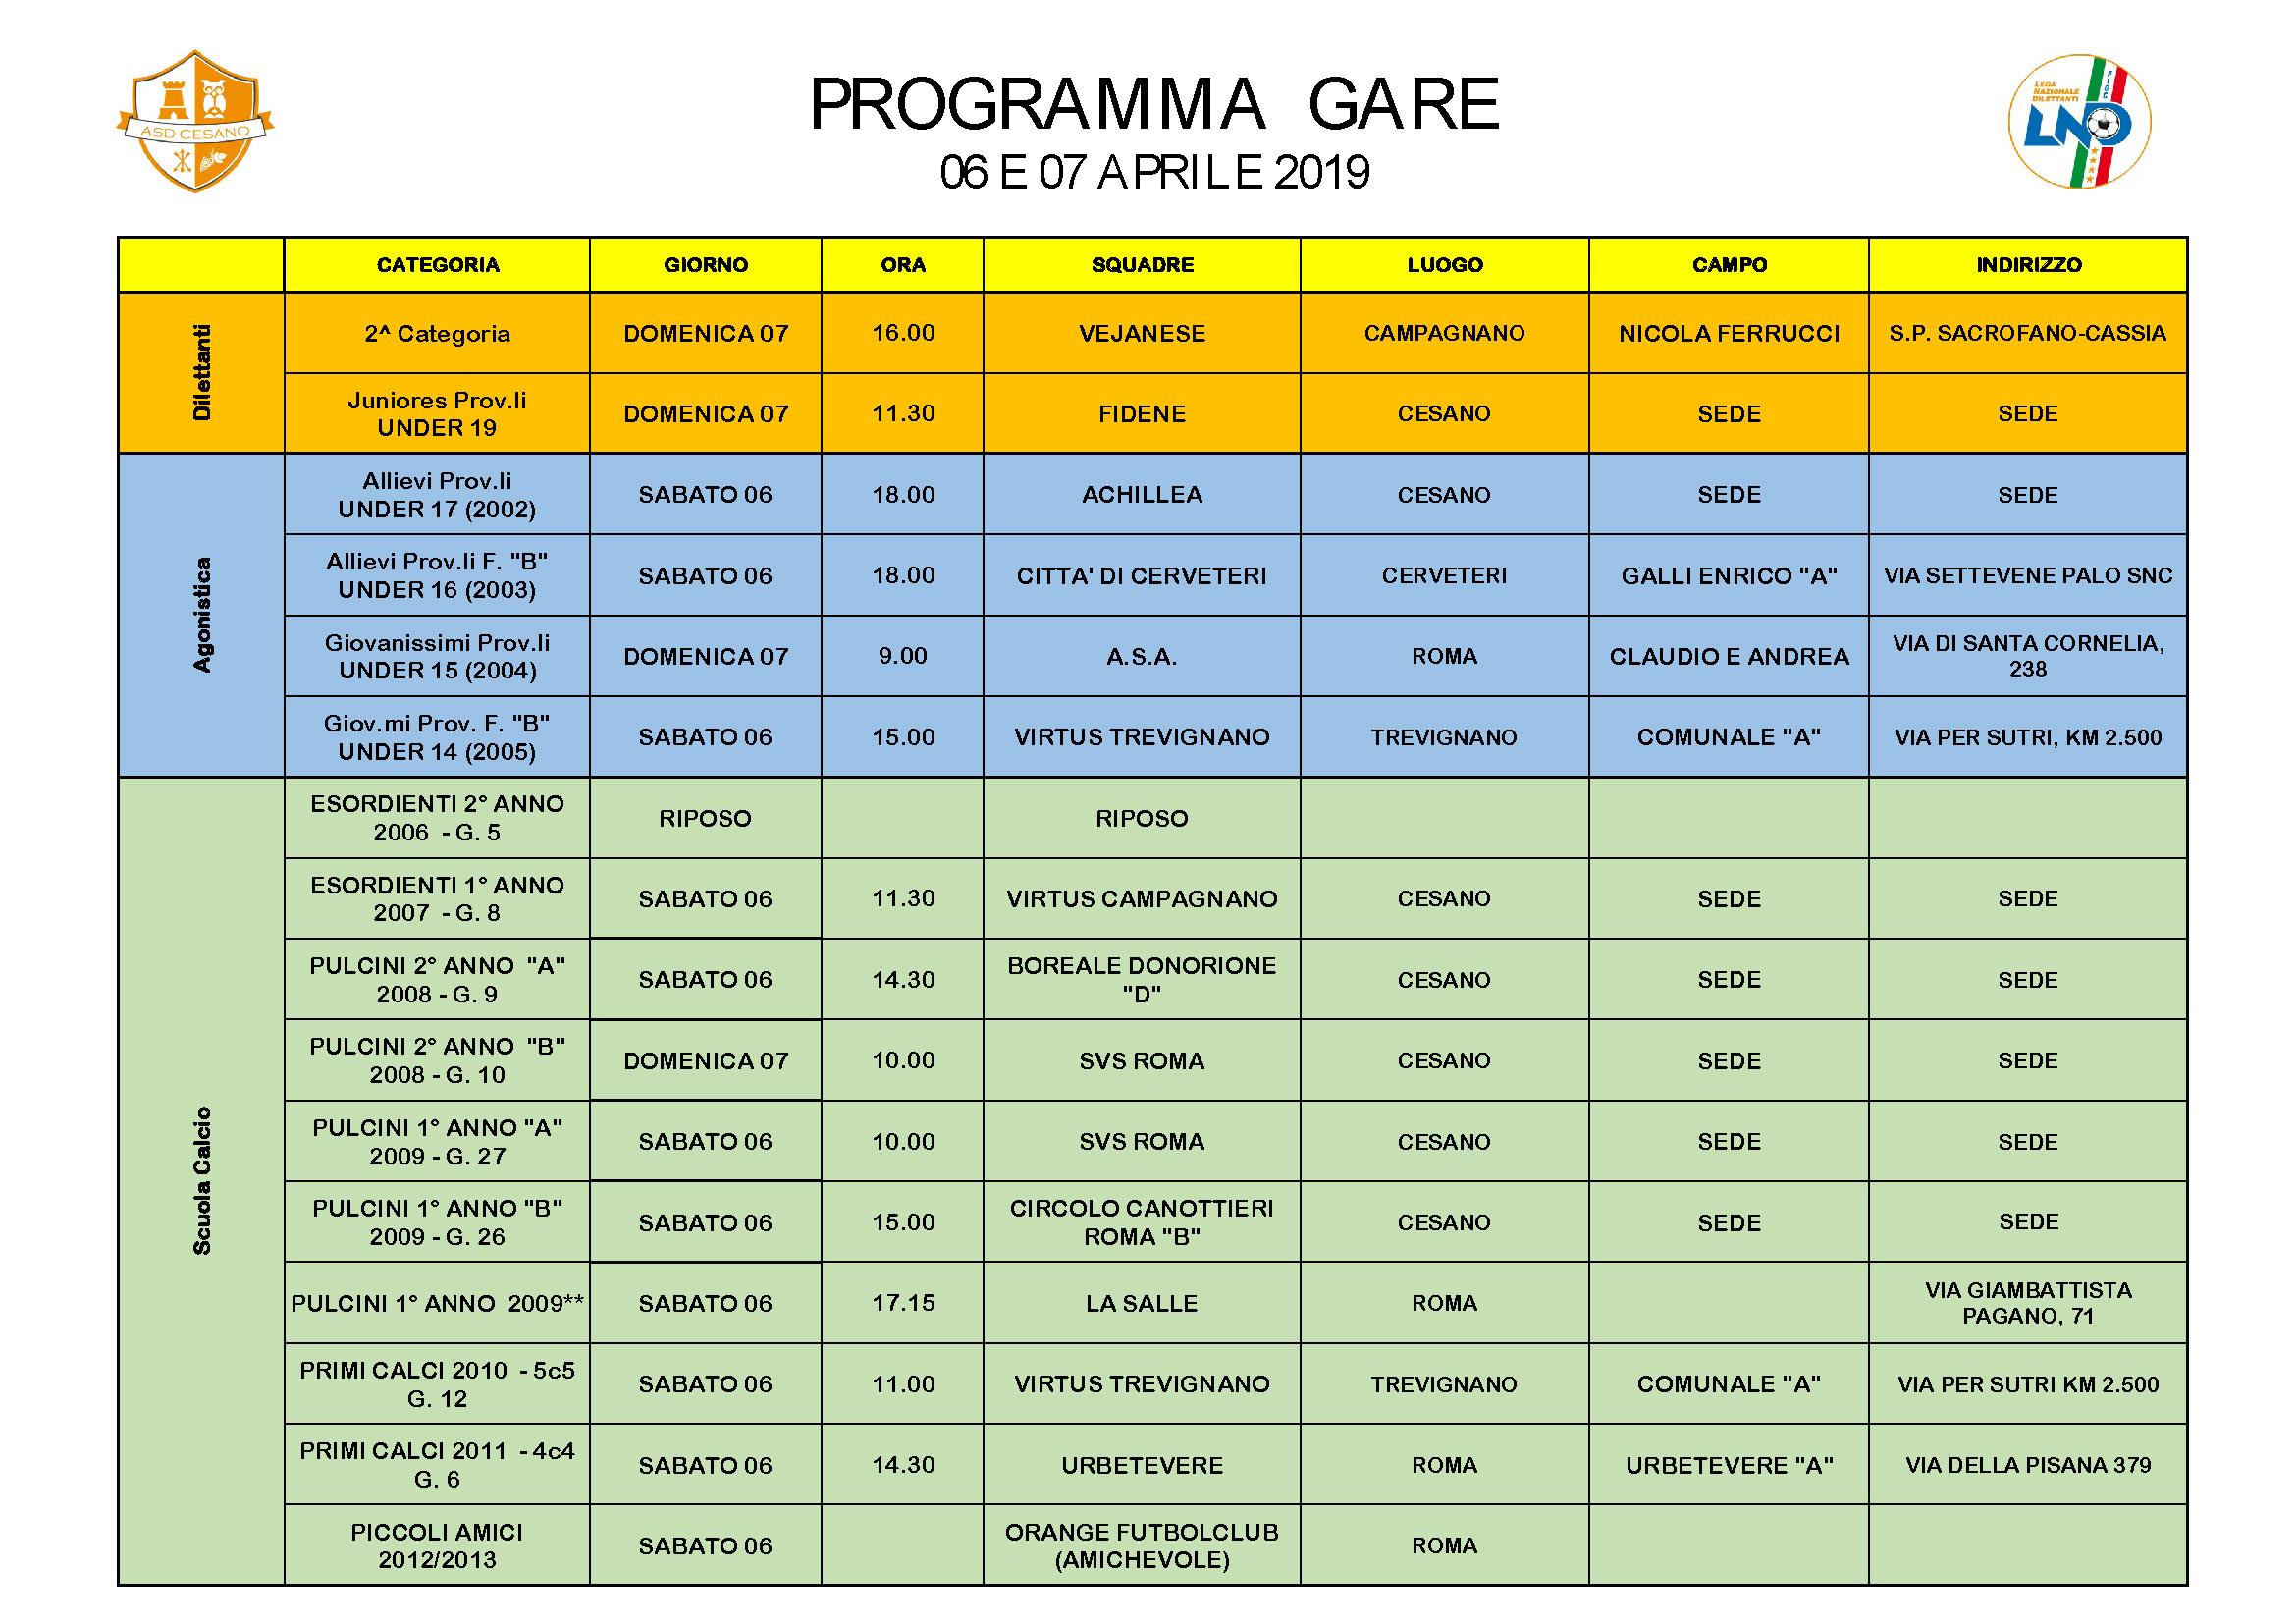 Programma gare 06-04-2019